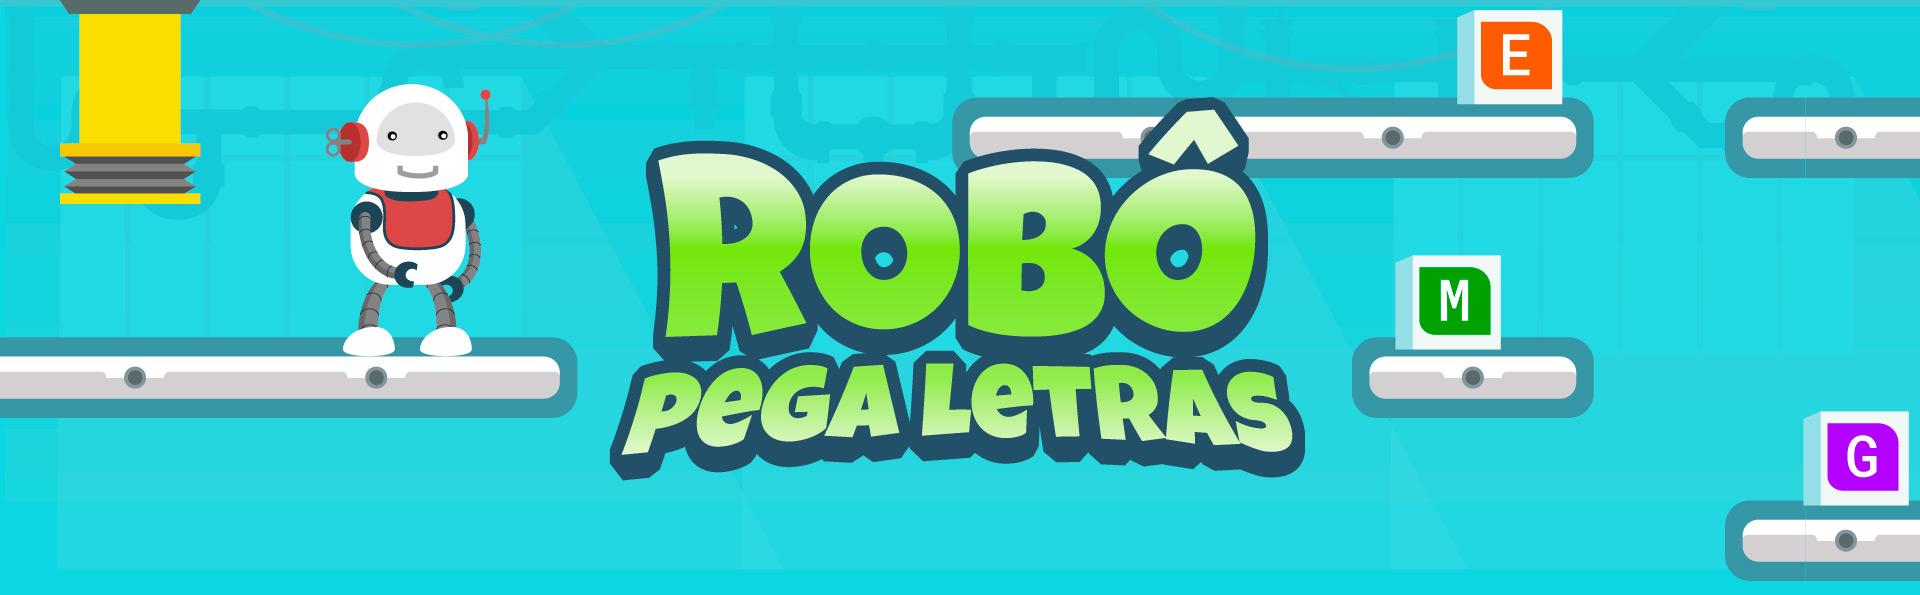 Robô pega letras